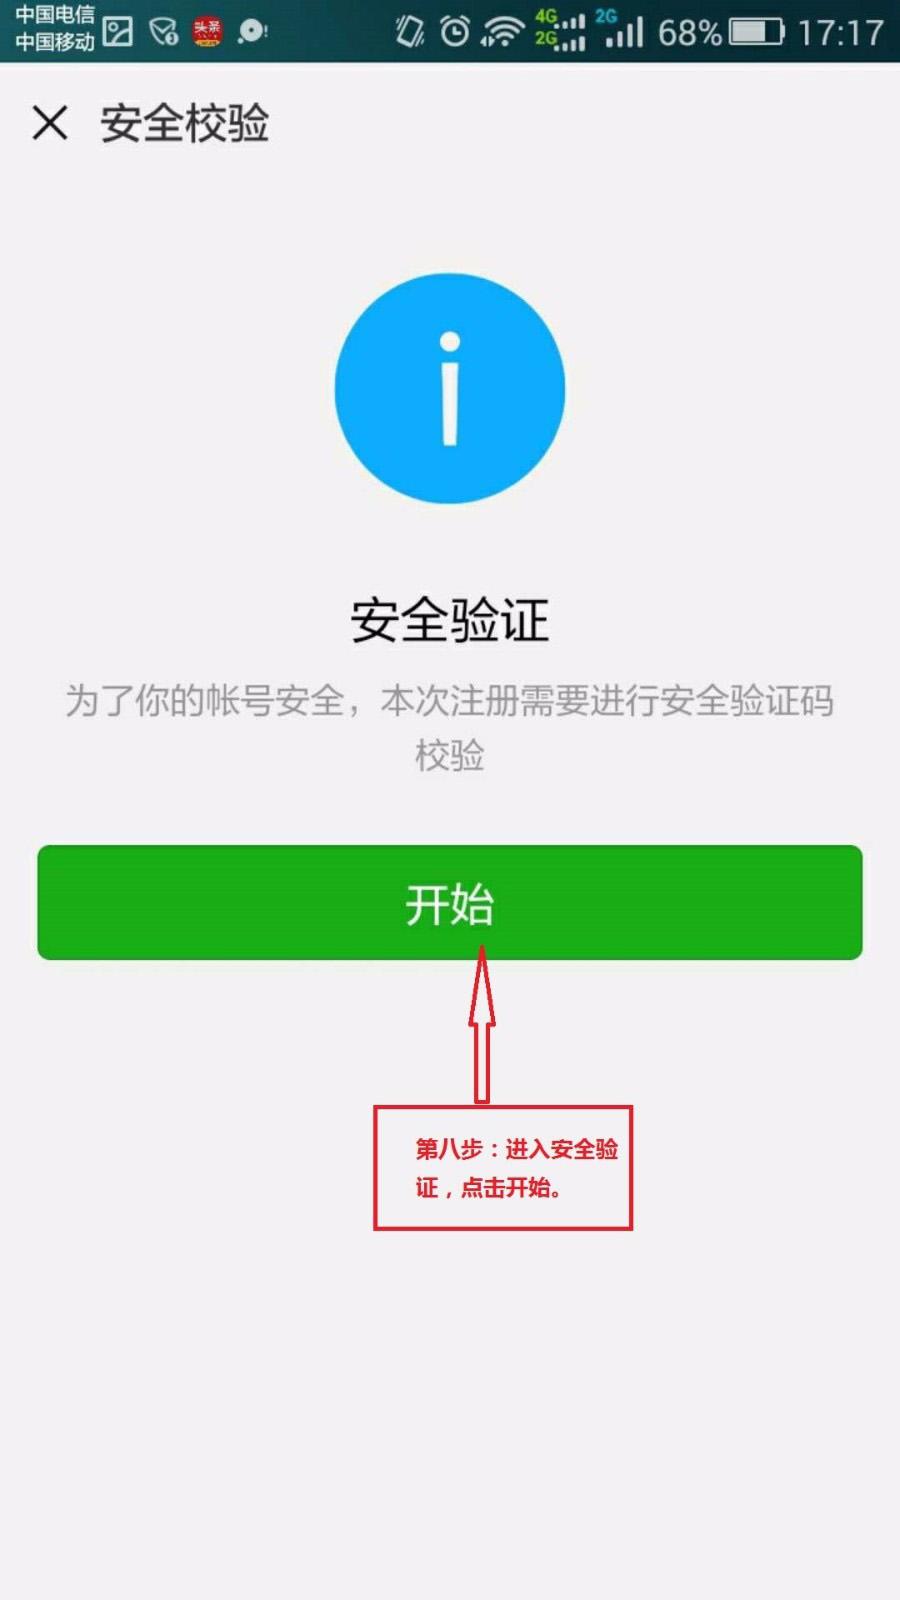 微信注册_微信新号码注册要好友辅助注册怎么搞_百度知道